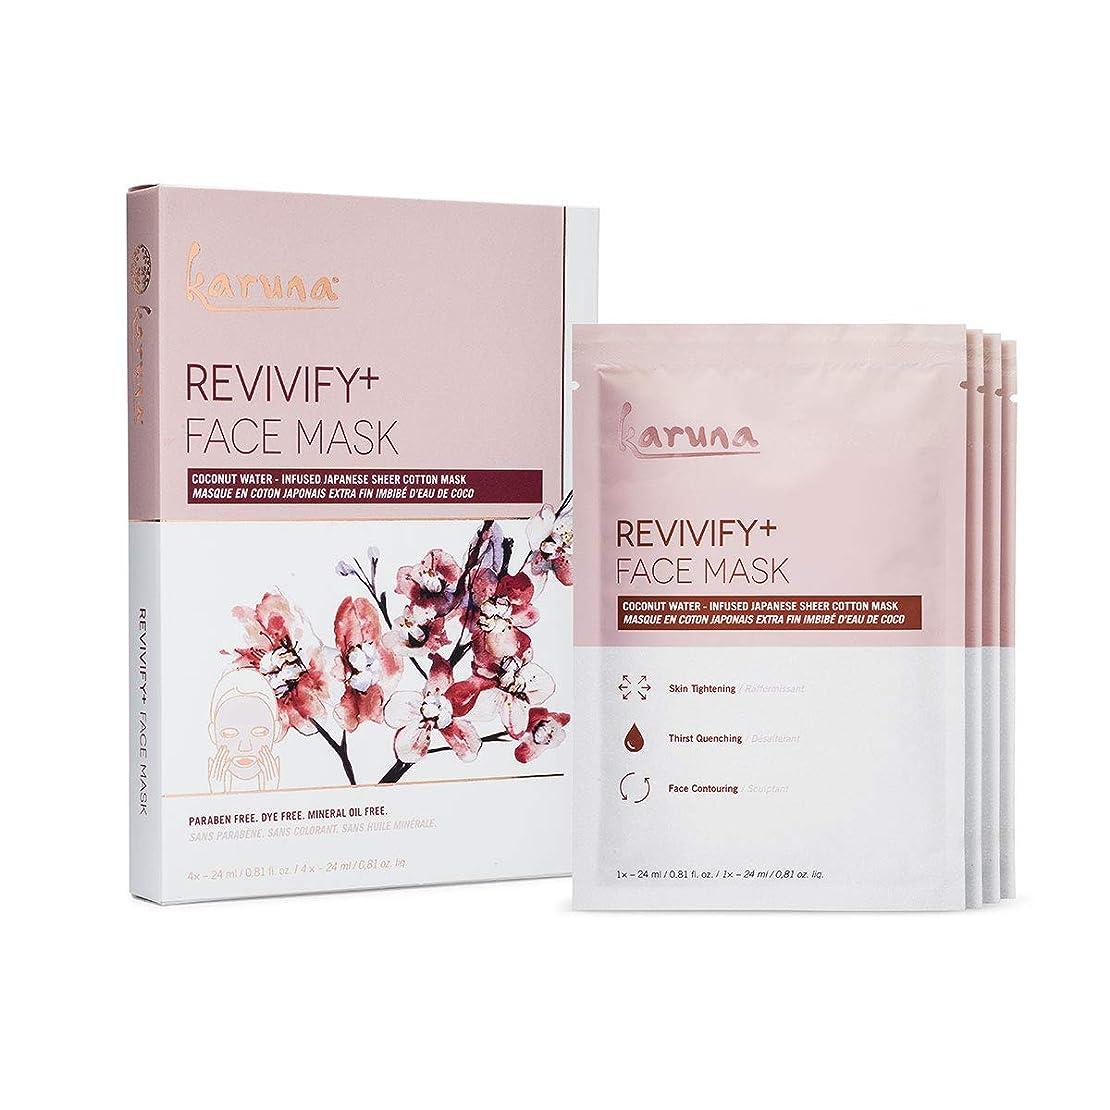 インデックスオーストラリア人何でもKaruna Revivify+ Face Mask 4sheets並行輸入品